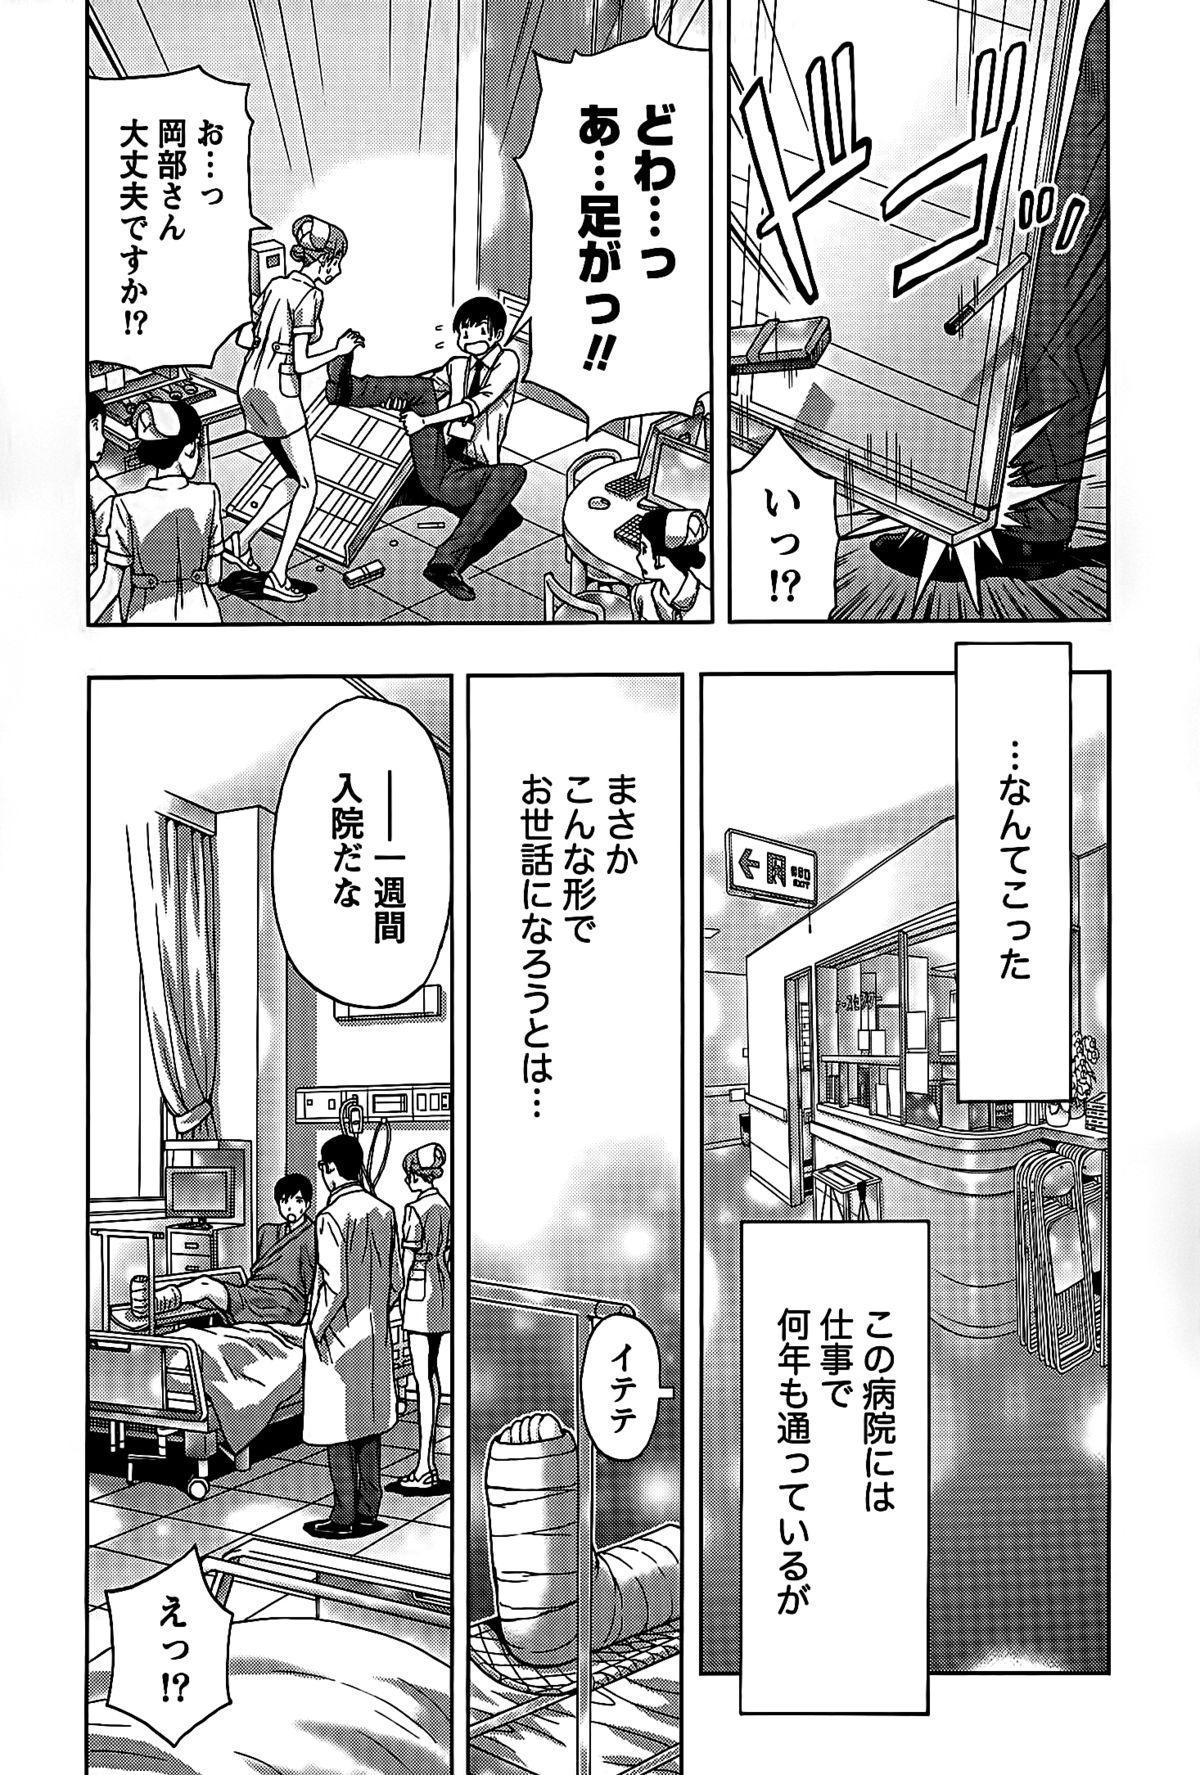 Shittori Lady to Amai Mitsu 108